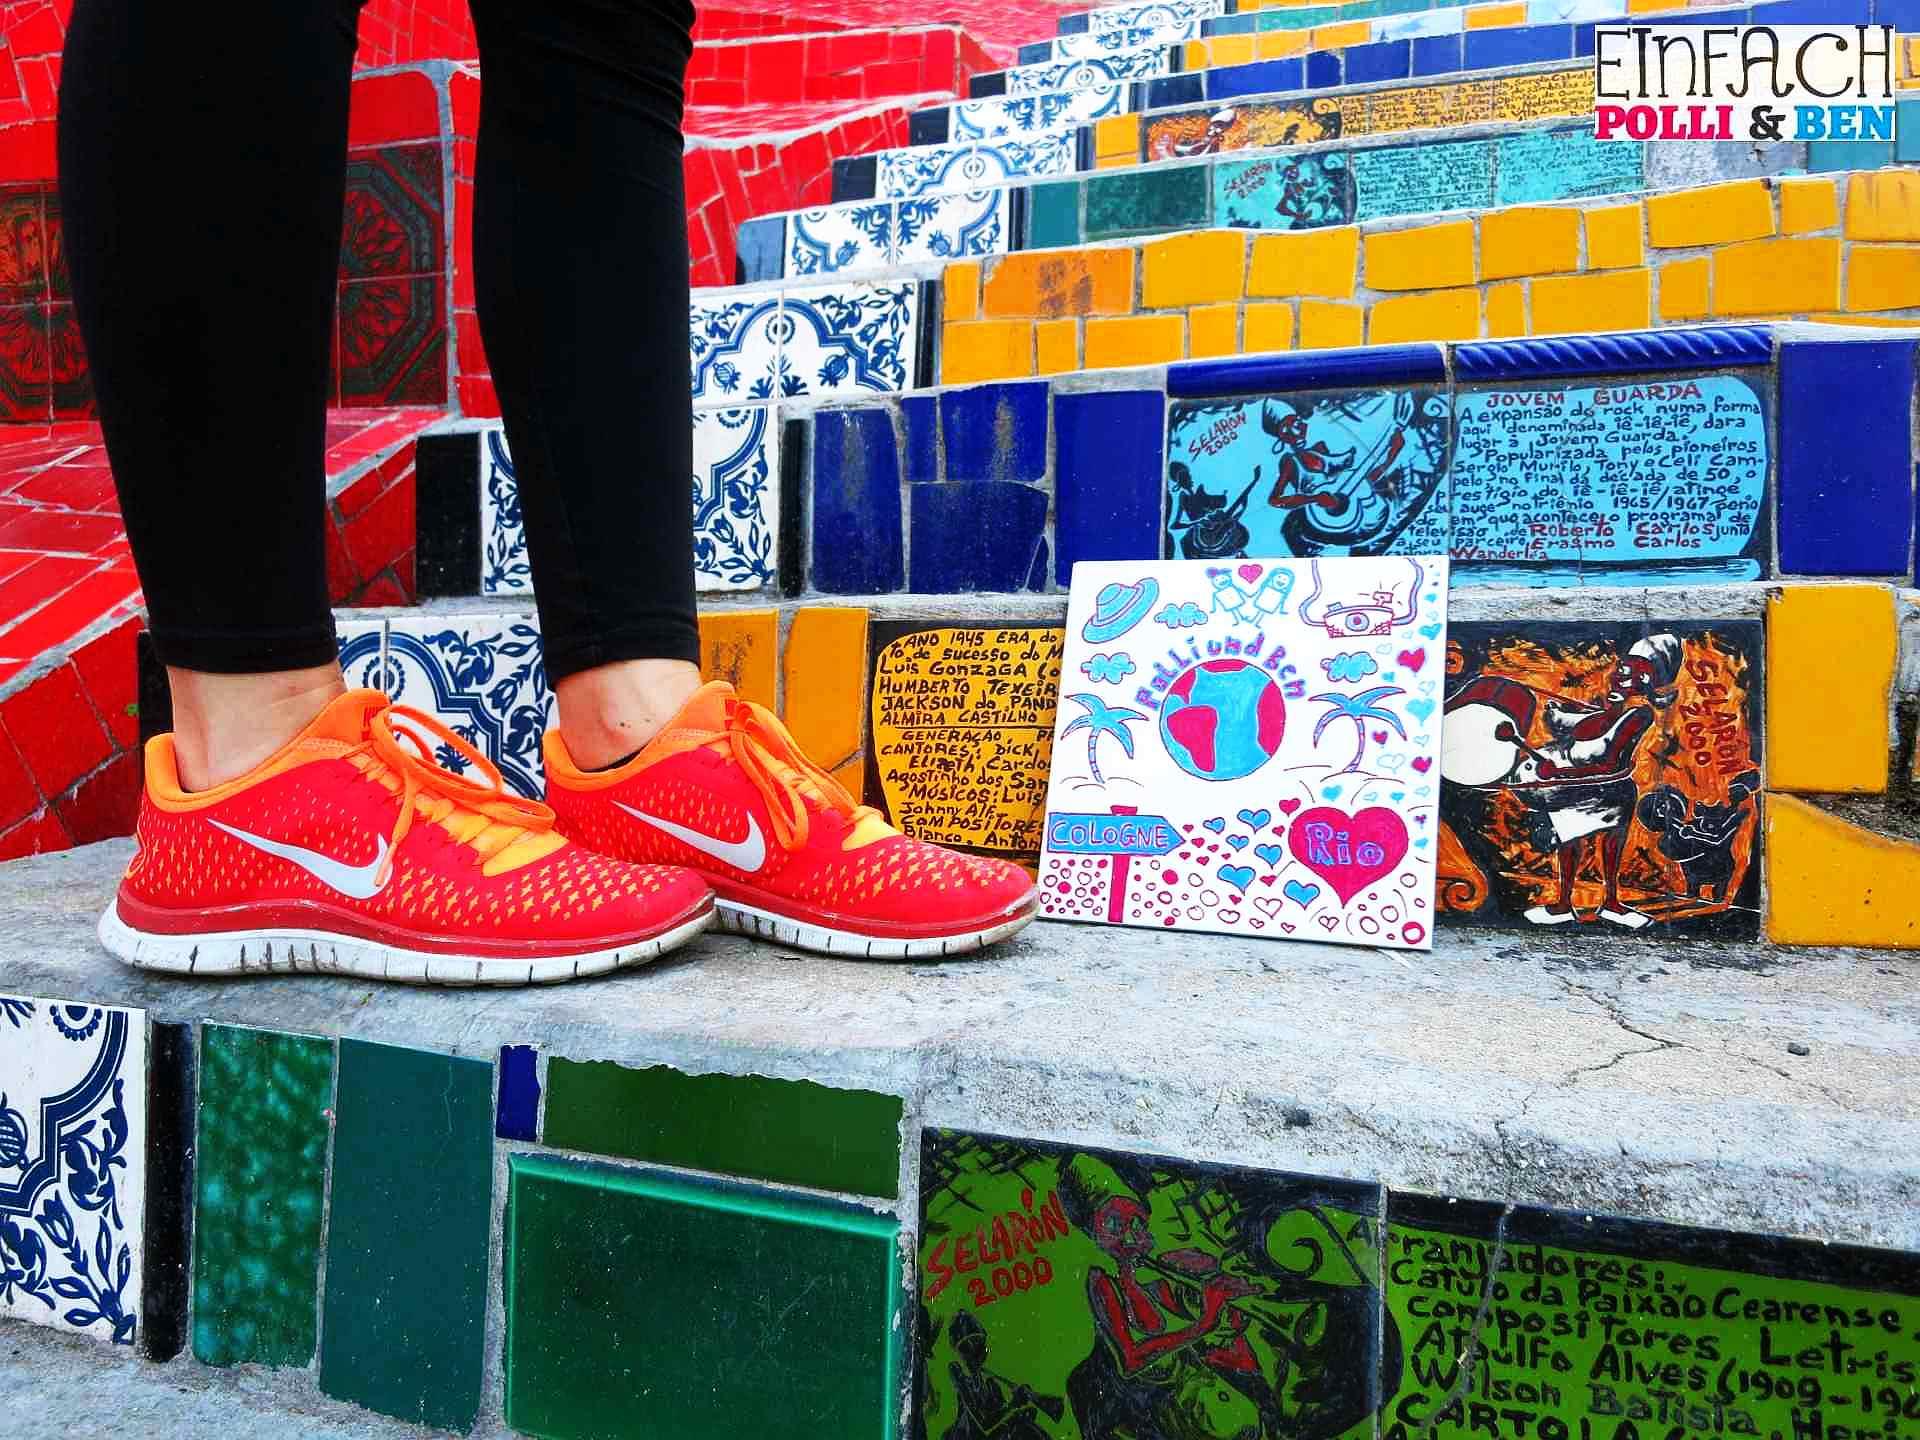 Escadaria Selaron Sneakeryourlife 1